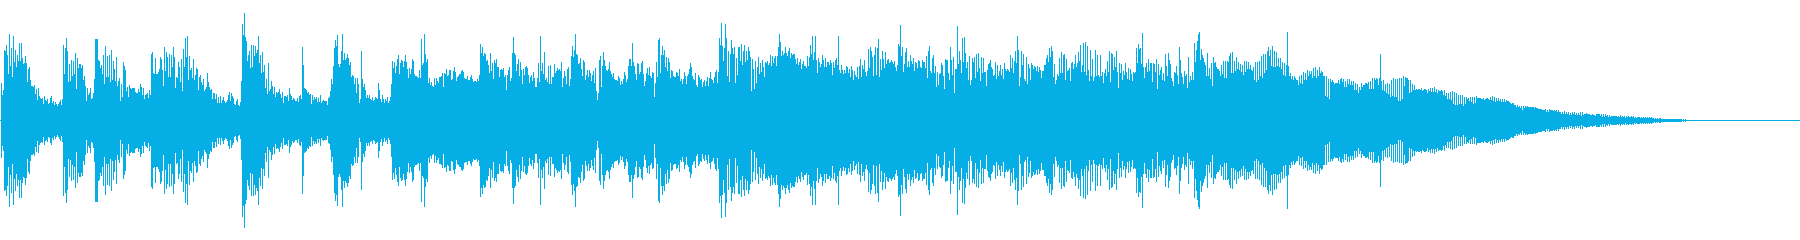 猫 犬 赤ちゃん ほのぼの とした場面にの再生済みの波形